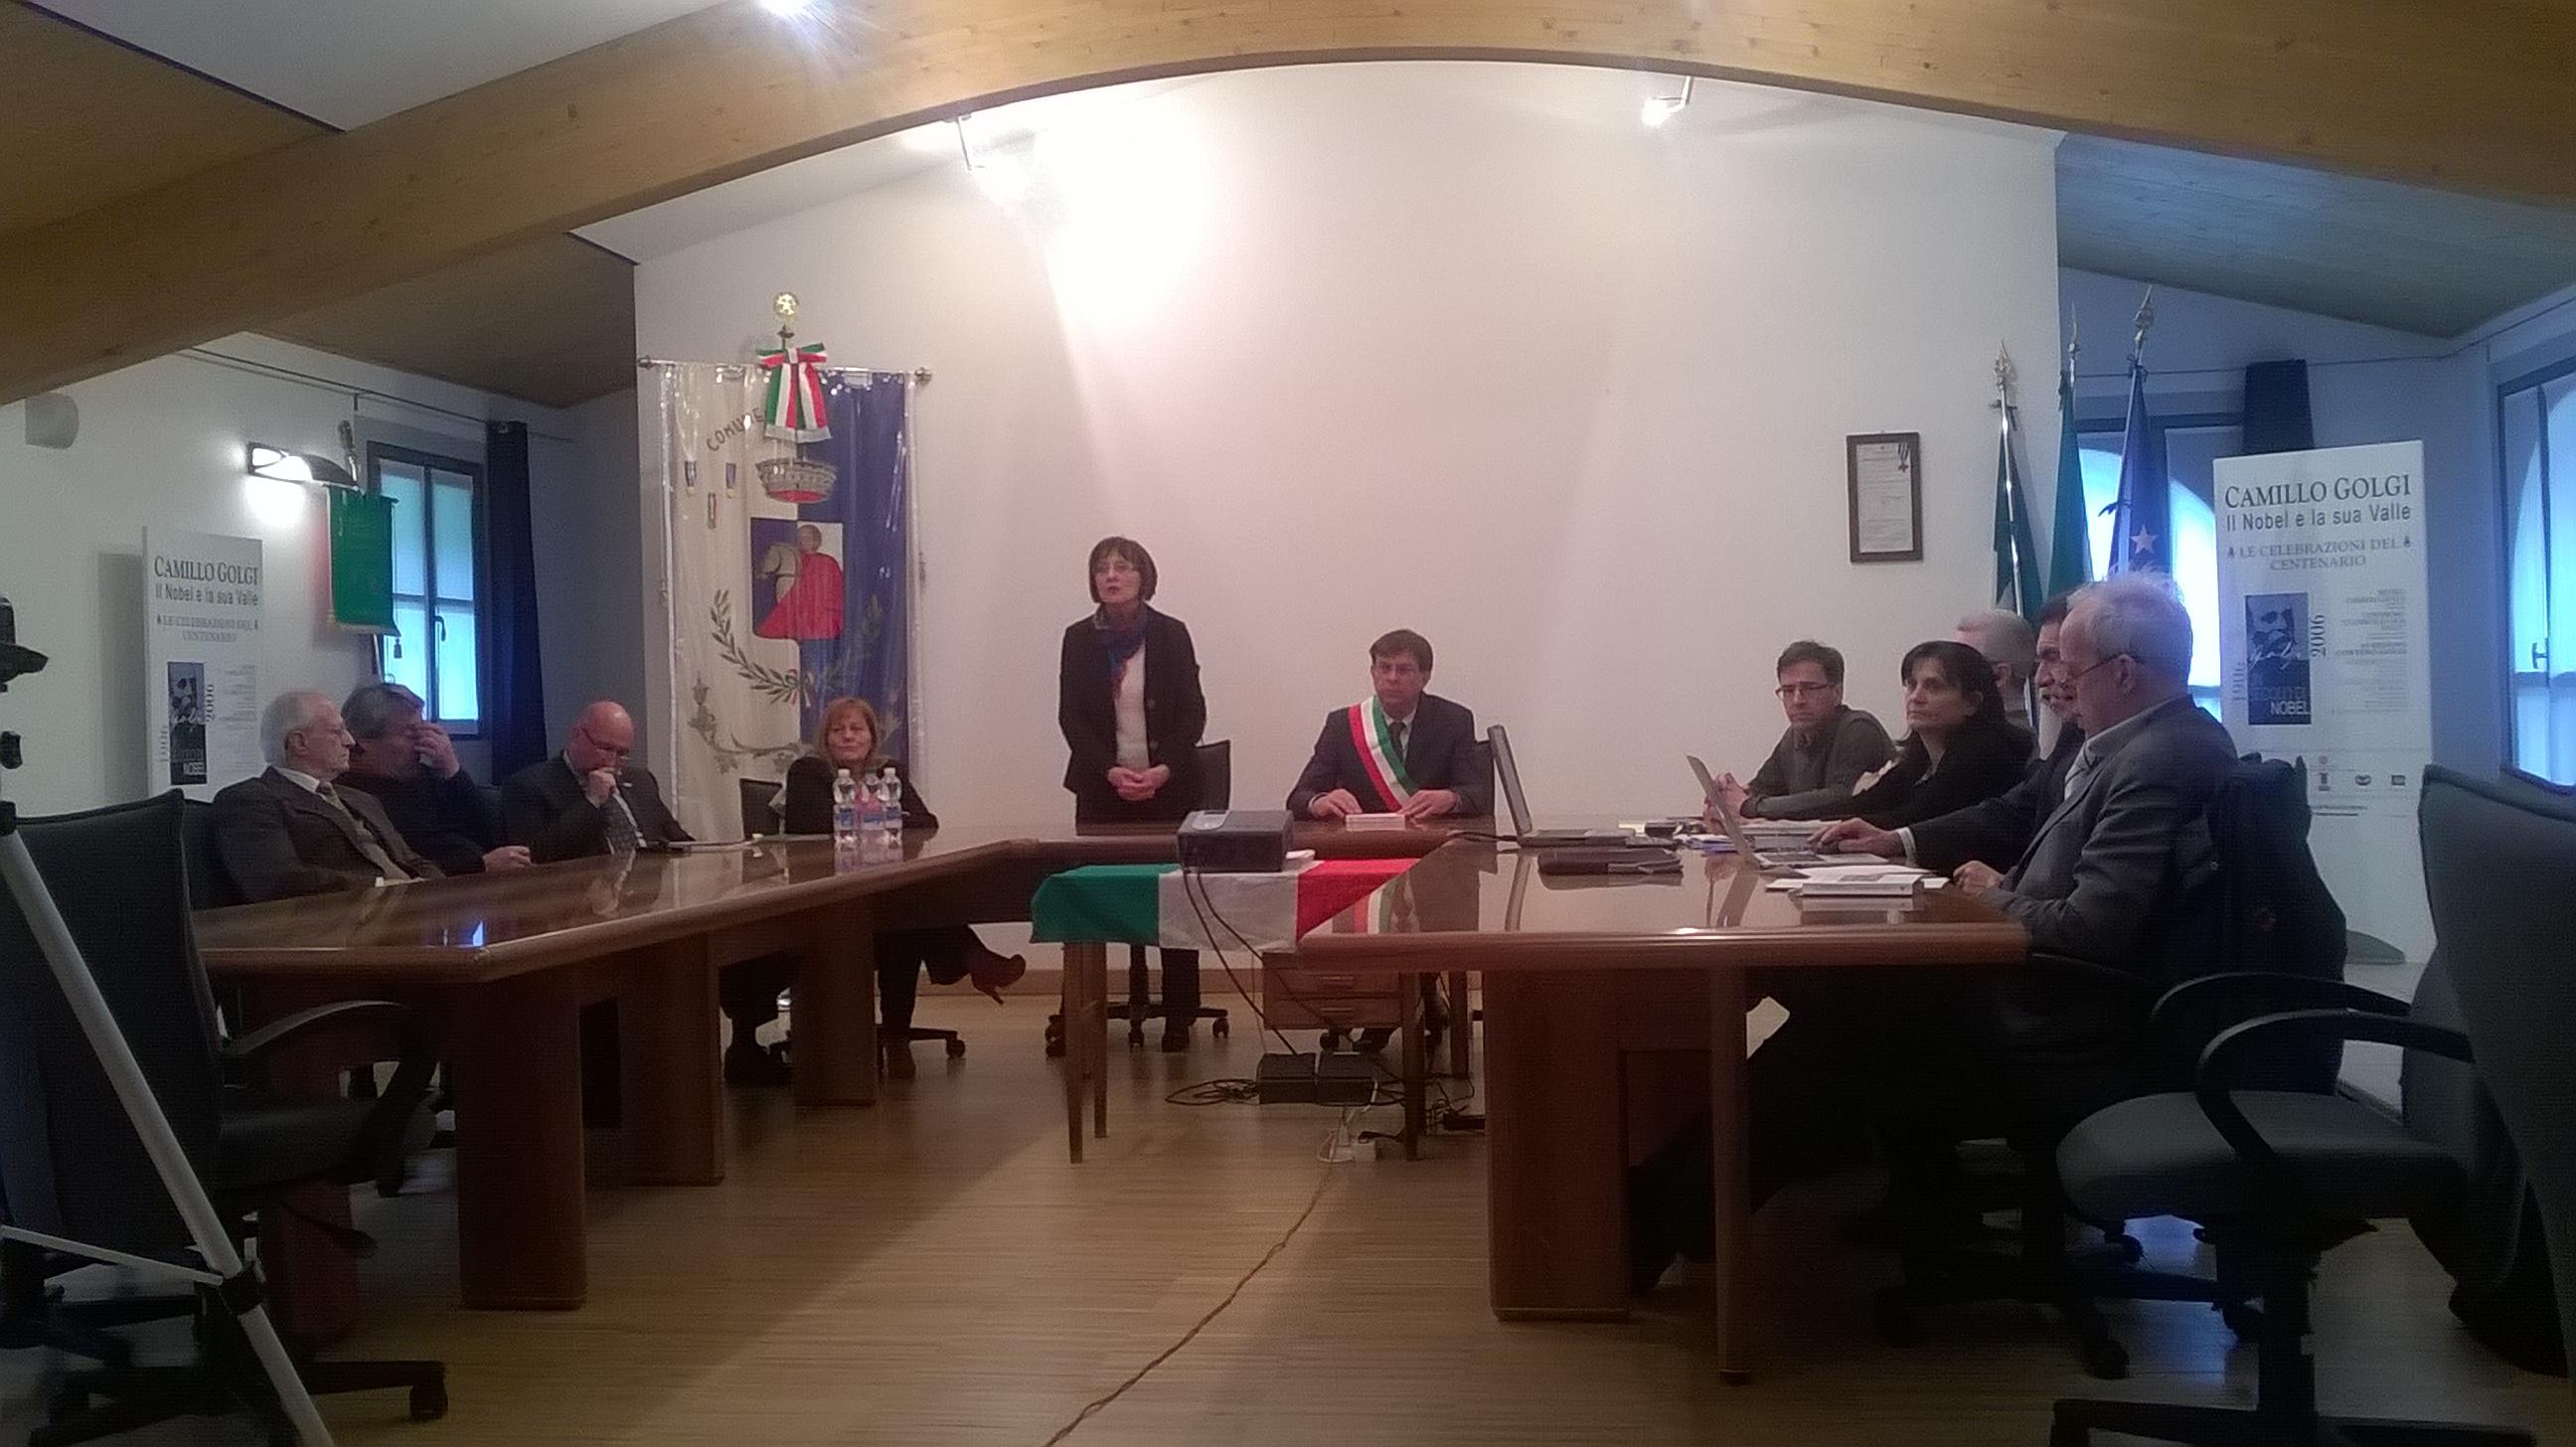 03_convegno Resistenza seme dell'Europa a Corteno Golgi